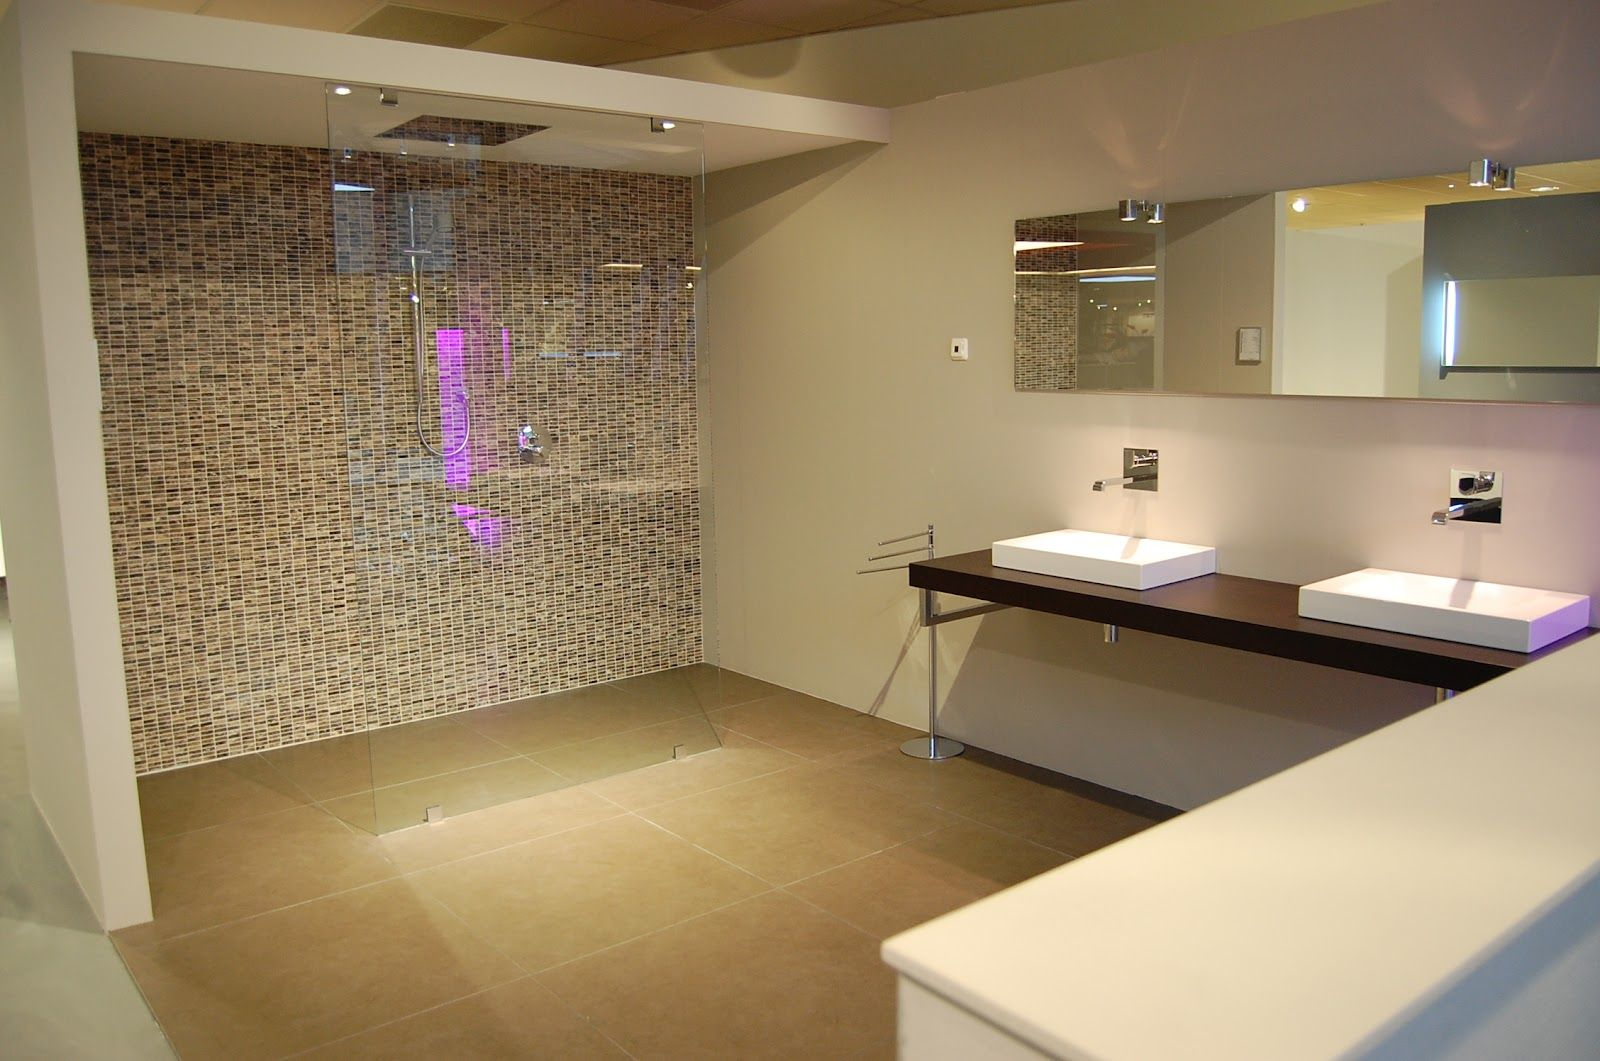 Badkamer inloopdouche modern modern badkamer interieur elegant